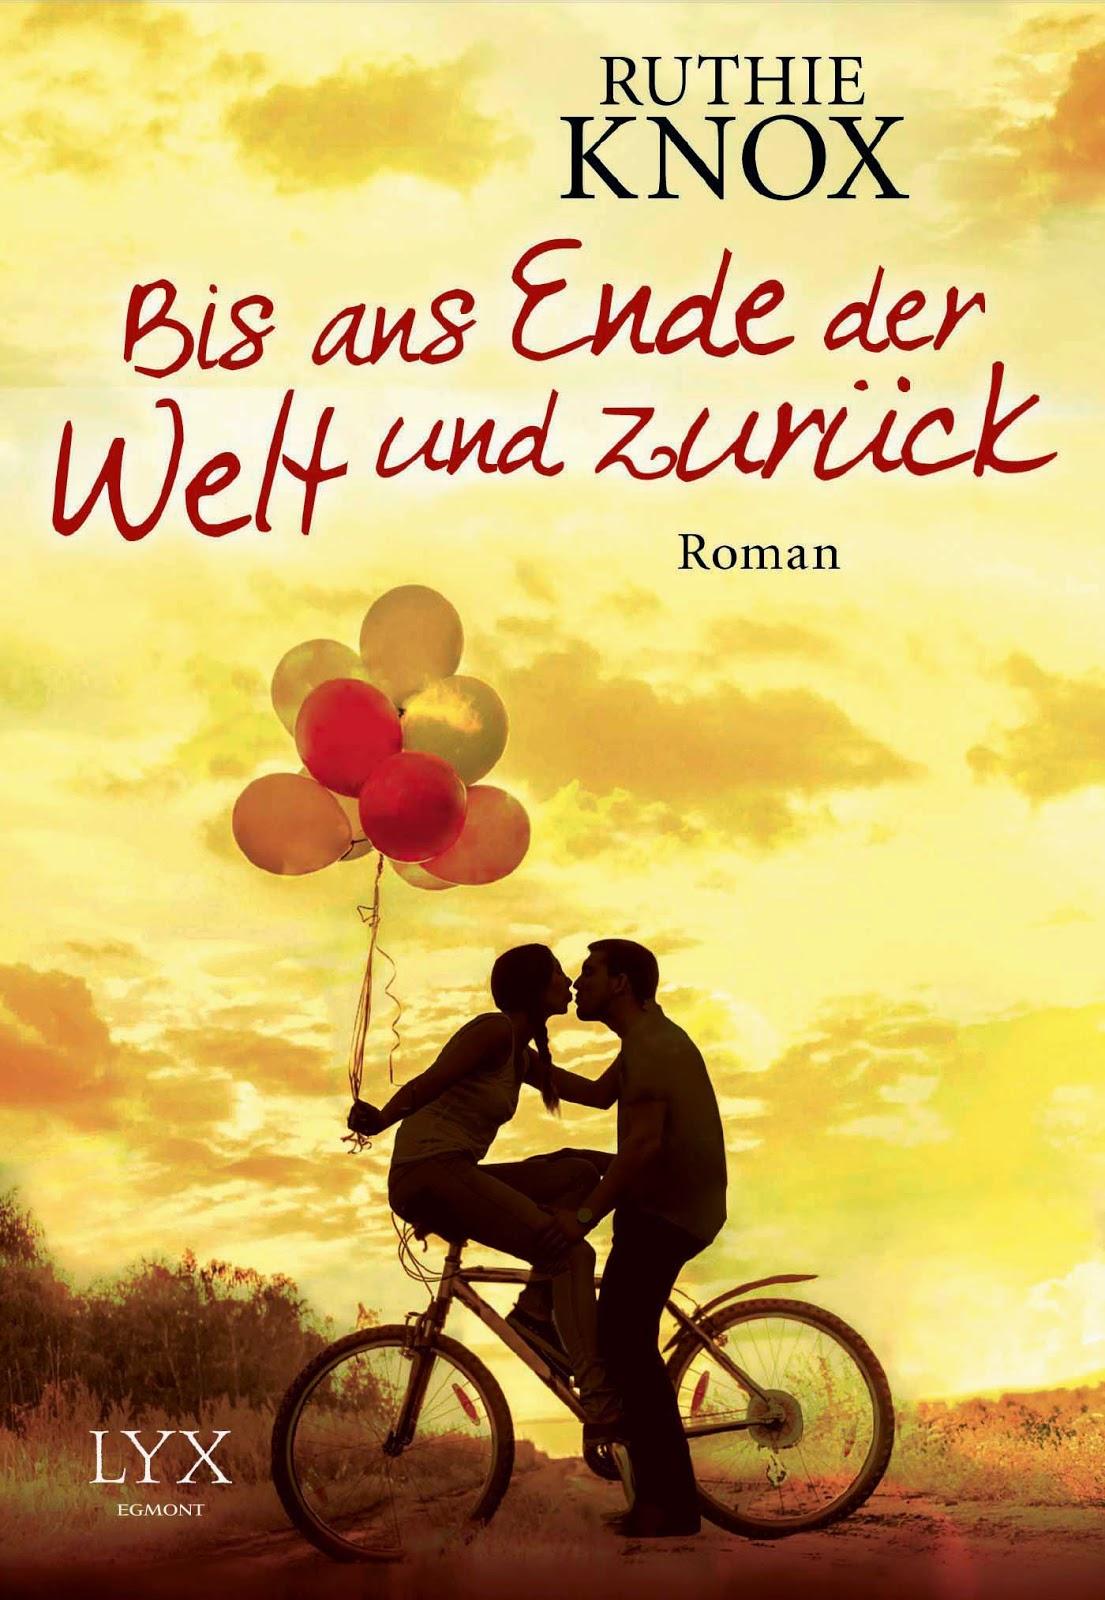 http://www.egmont-lyx.de/buch/bis-ans-ende-der-welt-und-zurueck/